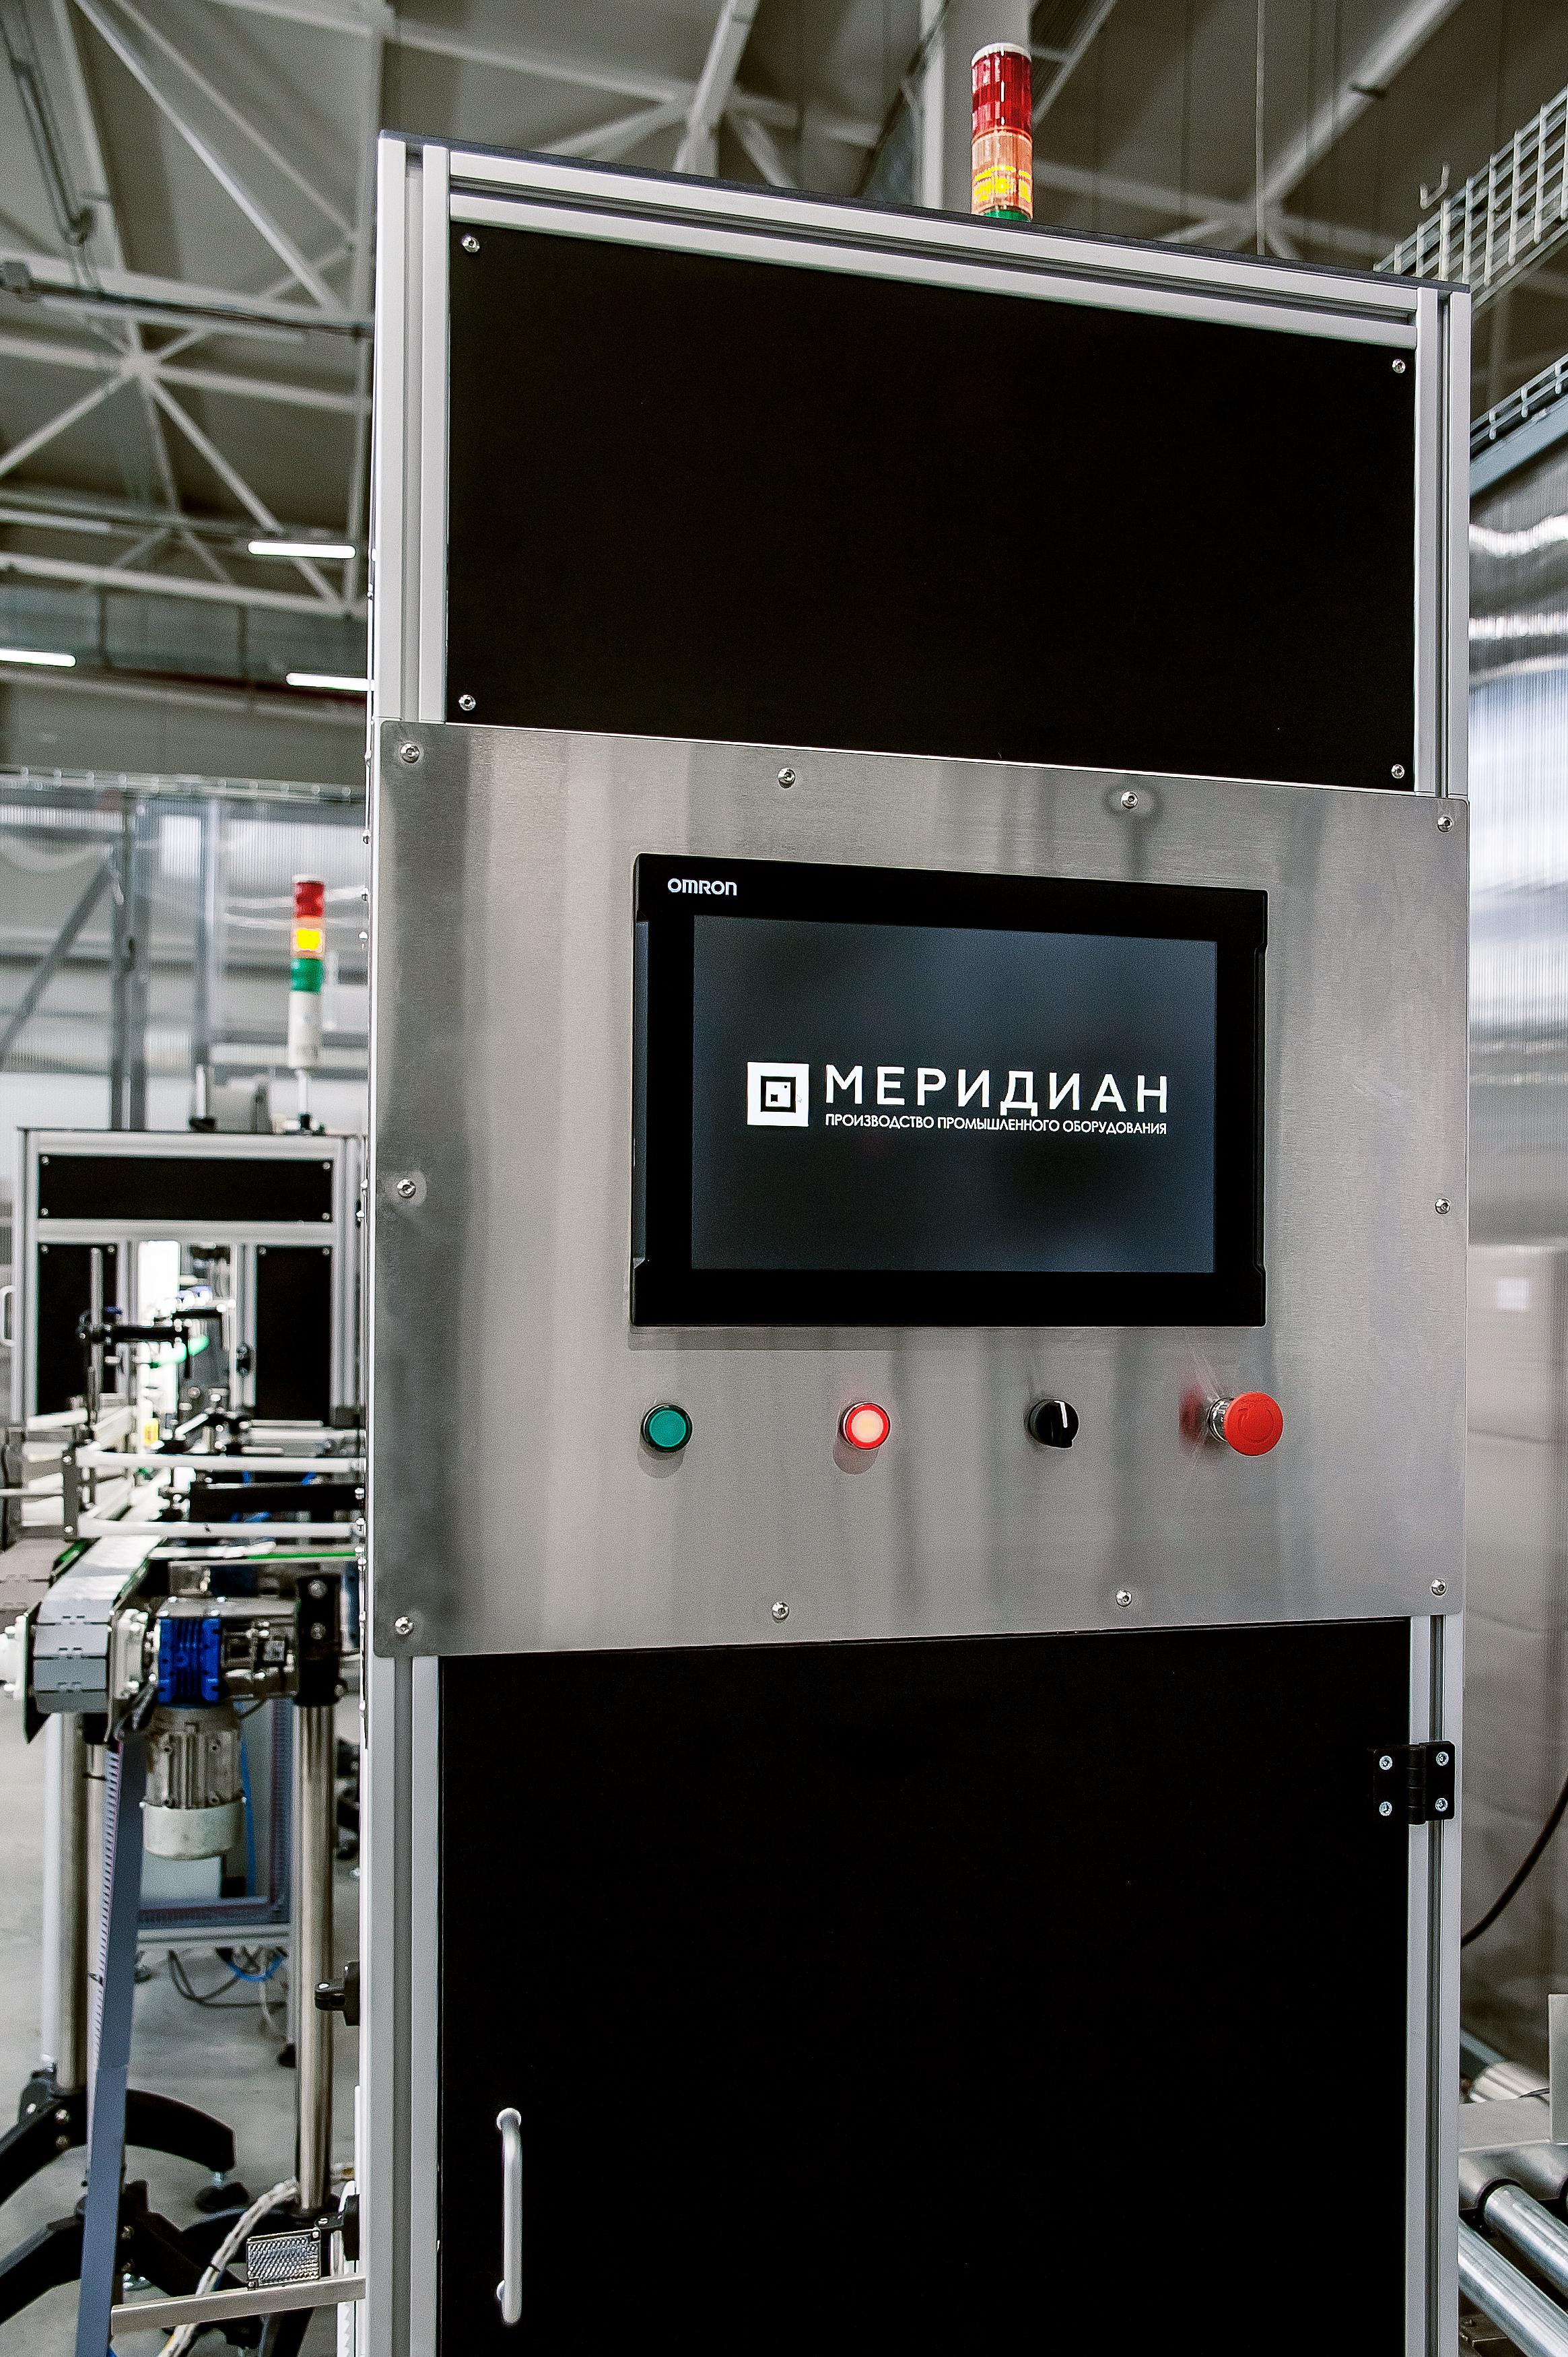 Оборудование для производителей и импортеров алкогольной продукции